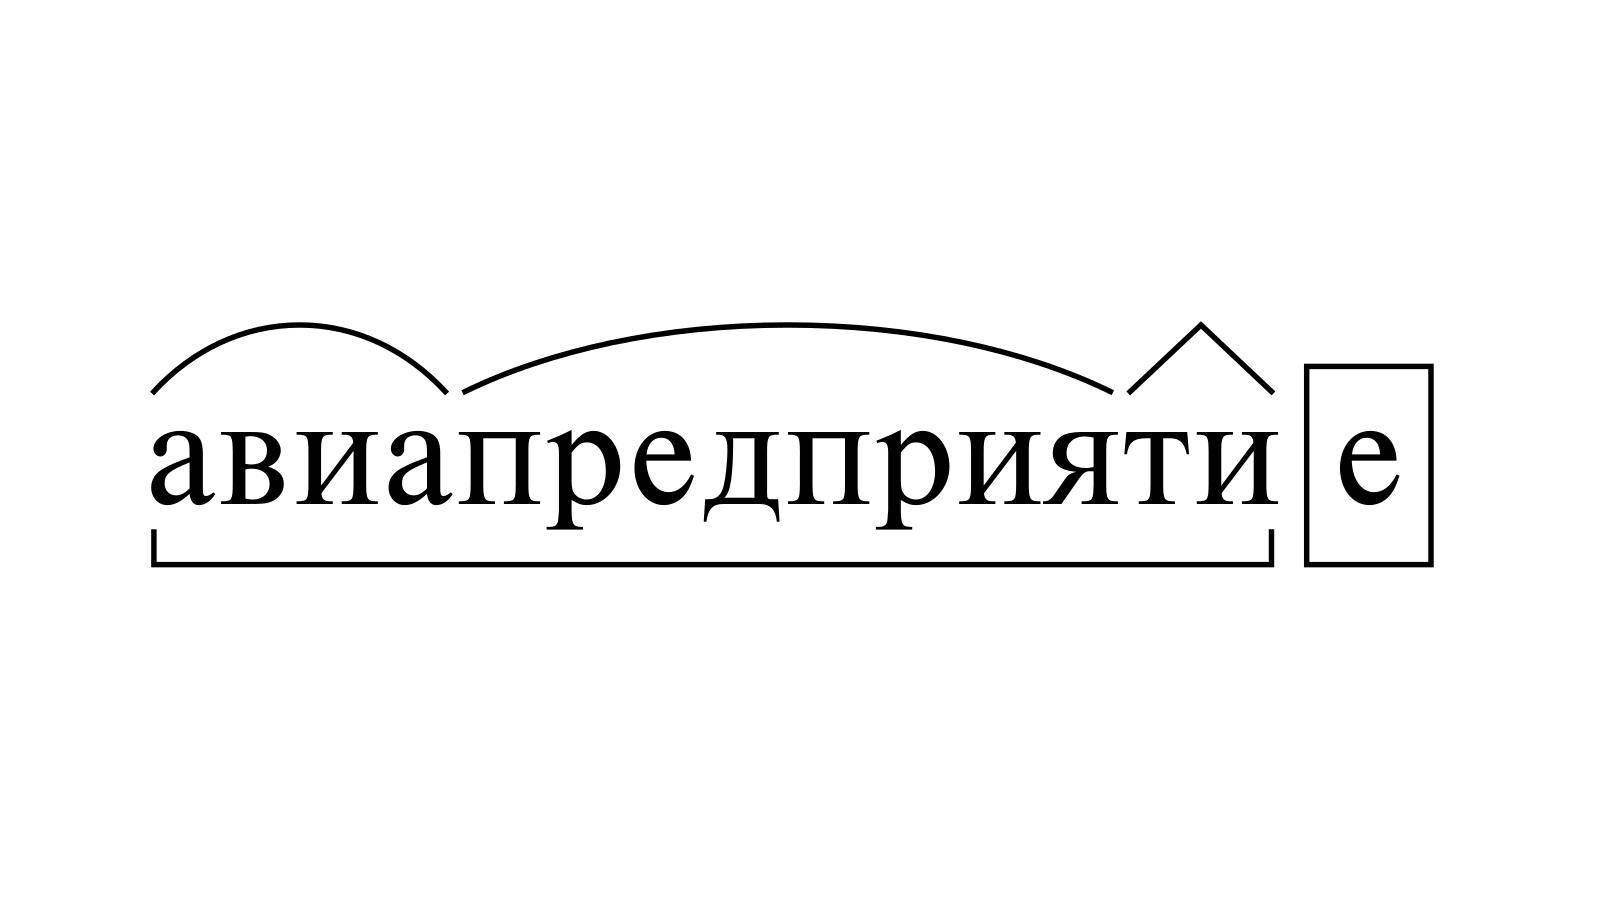 Разбор слова «авиапредприятие» по составу